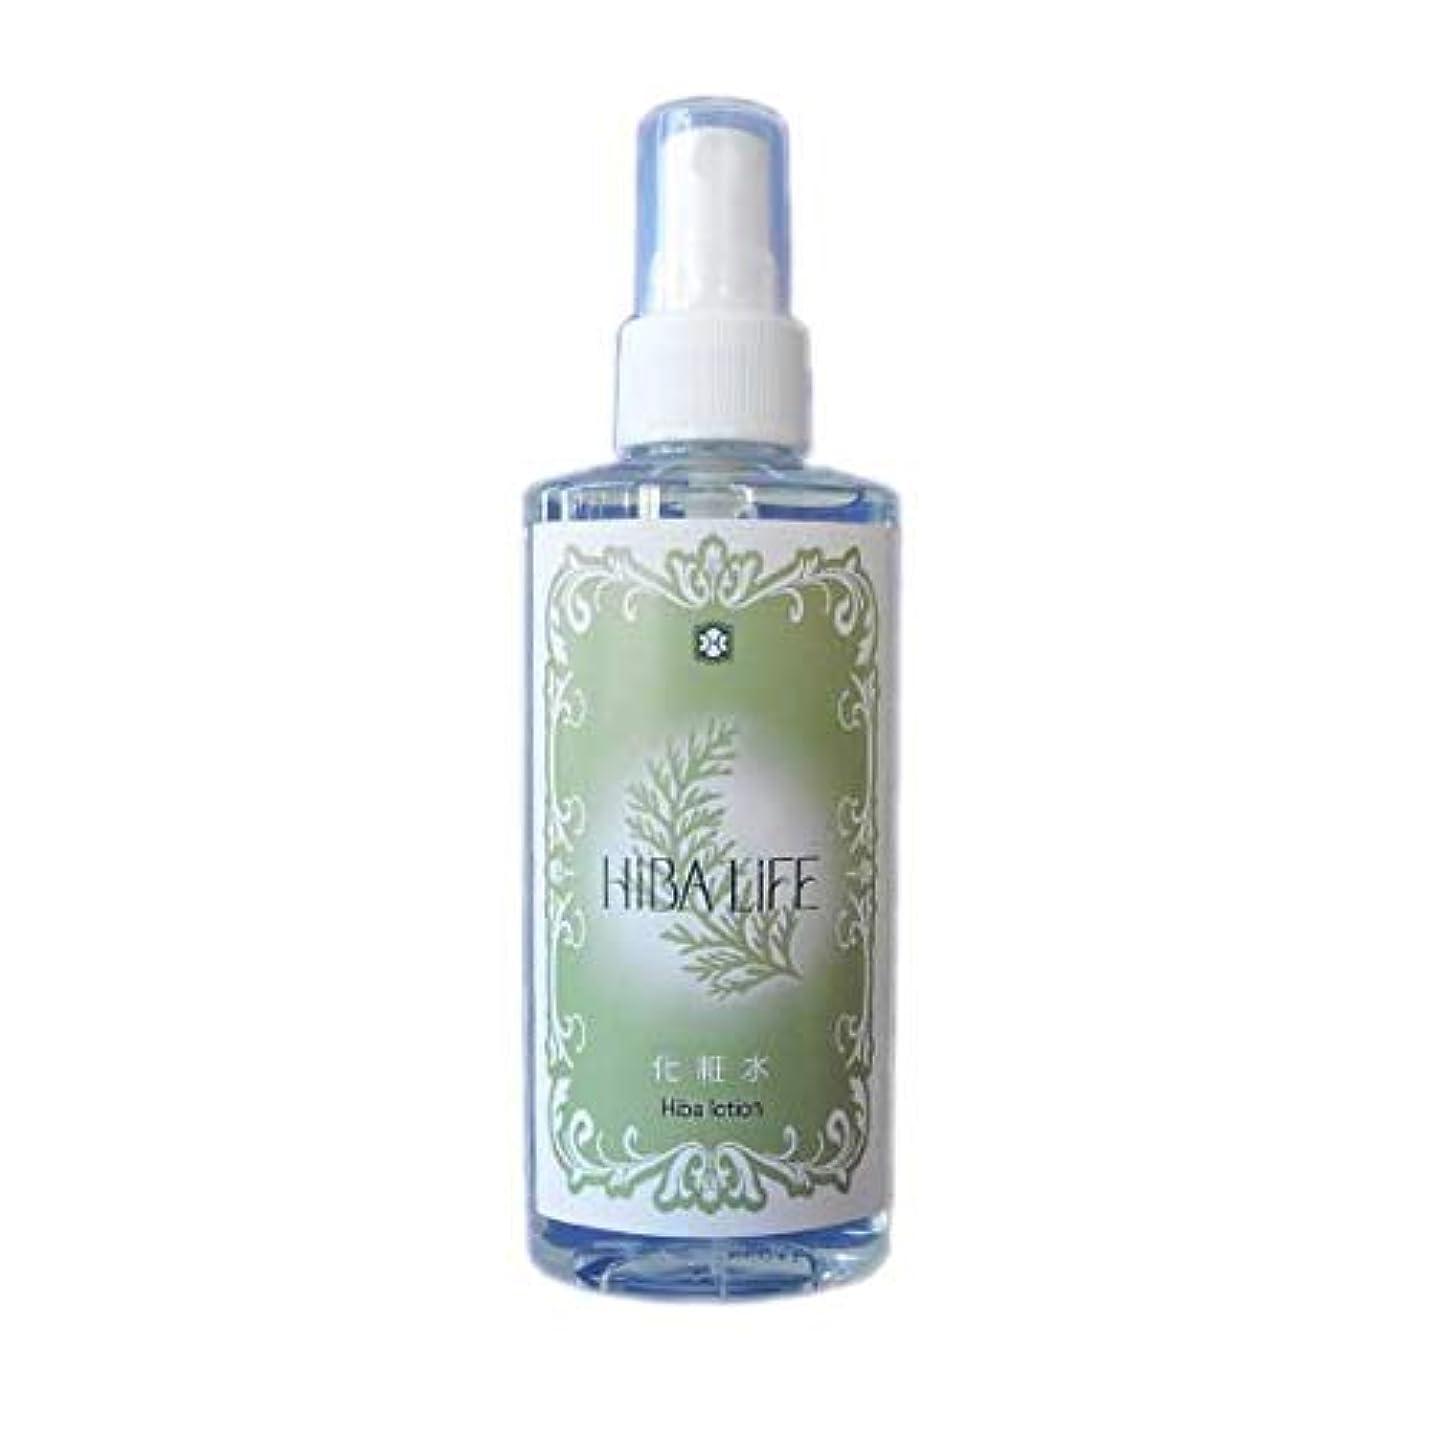 カートンコミュニティプラグひばの森化粧水